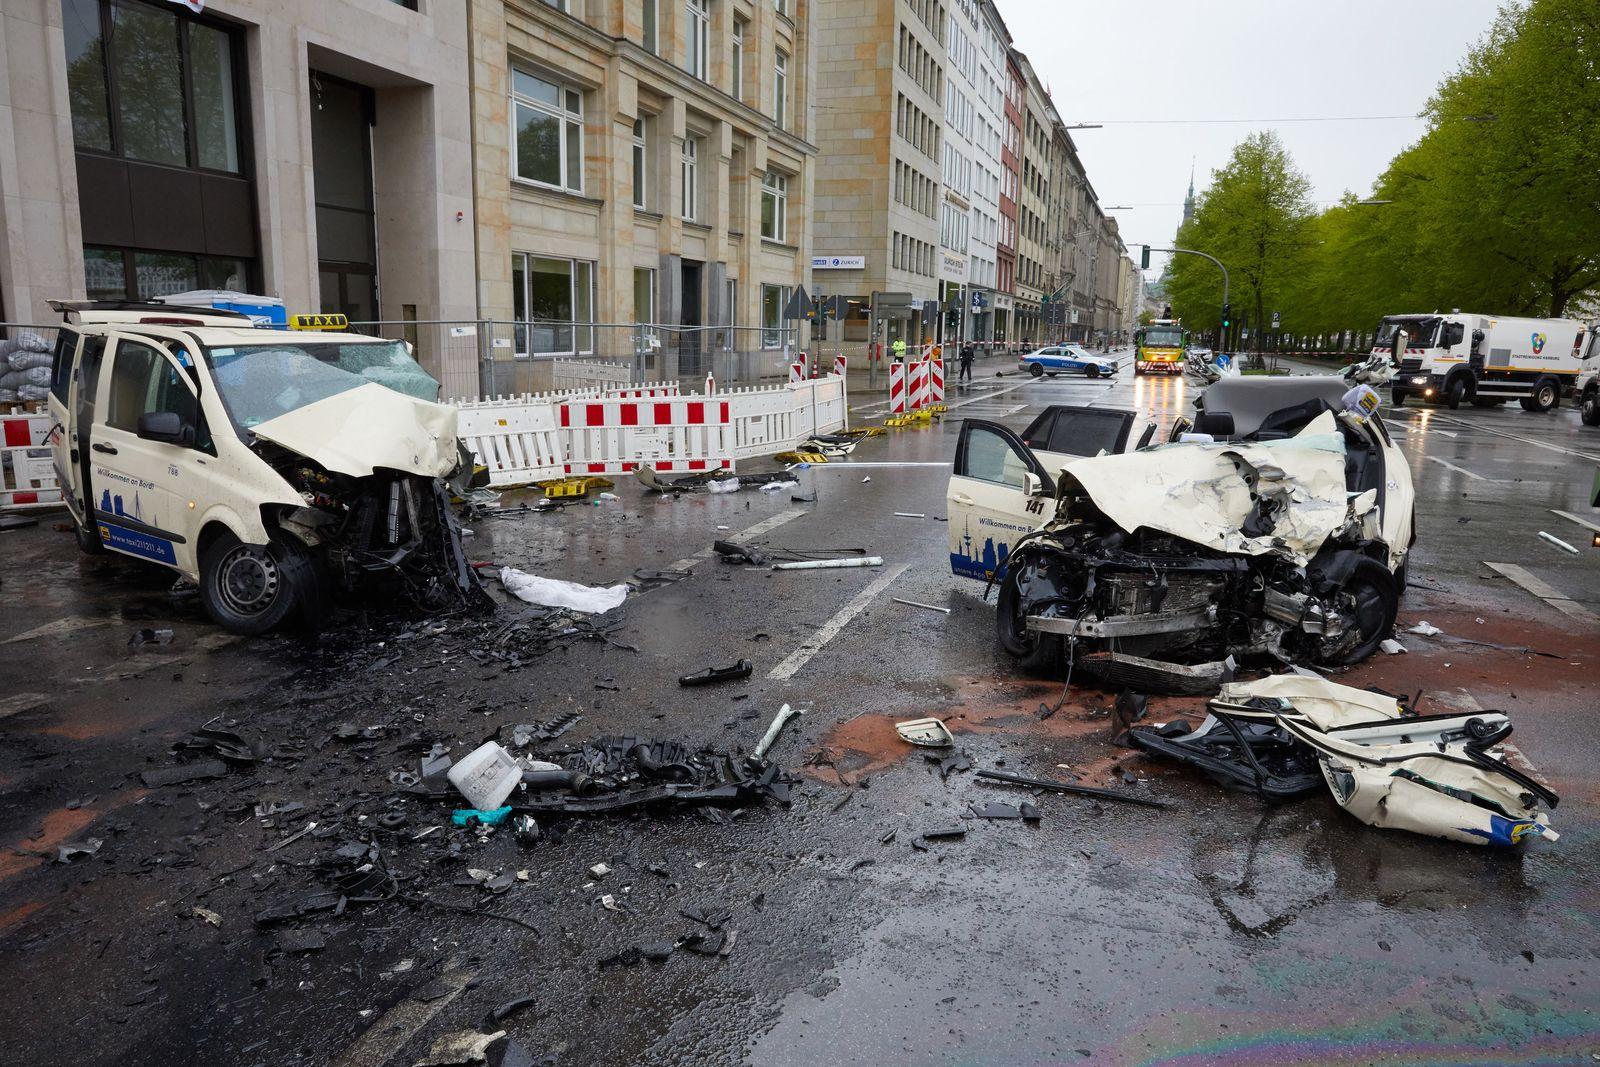 Urteil gegen Taxidieb rechtskräftig